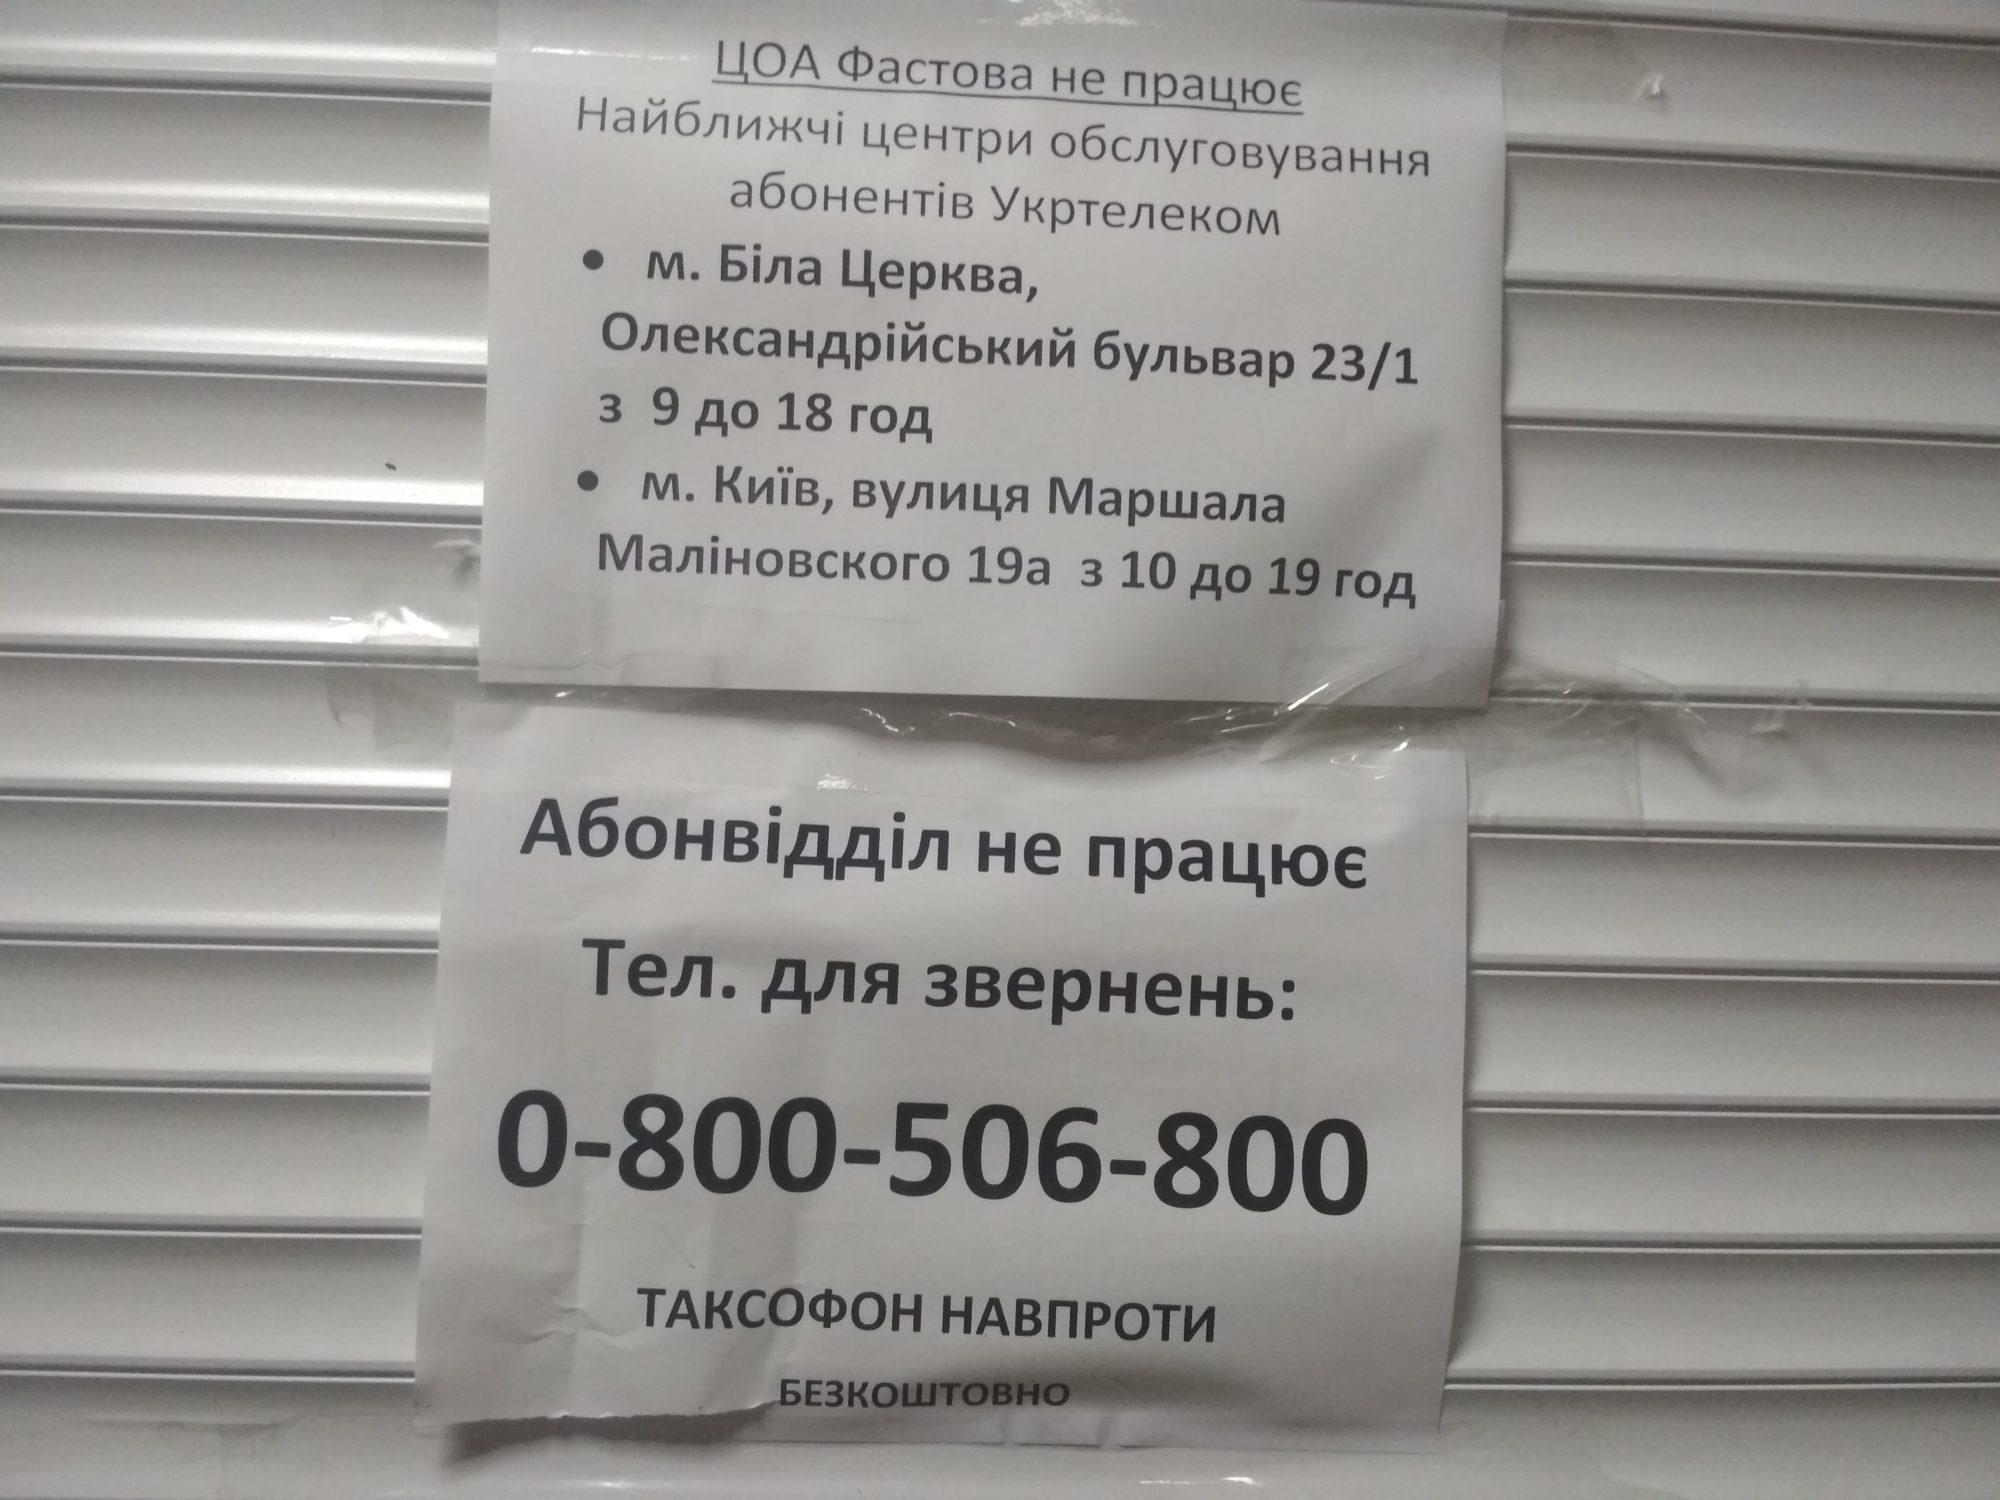 У Фастові закрили центр обслуговування абонентів «Укртелекому» - Фастів, Укртелеком - IMG 20191118 101112 2000x1500